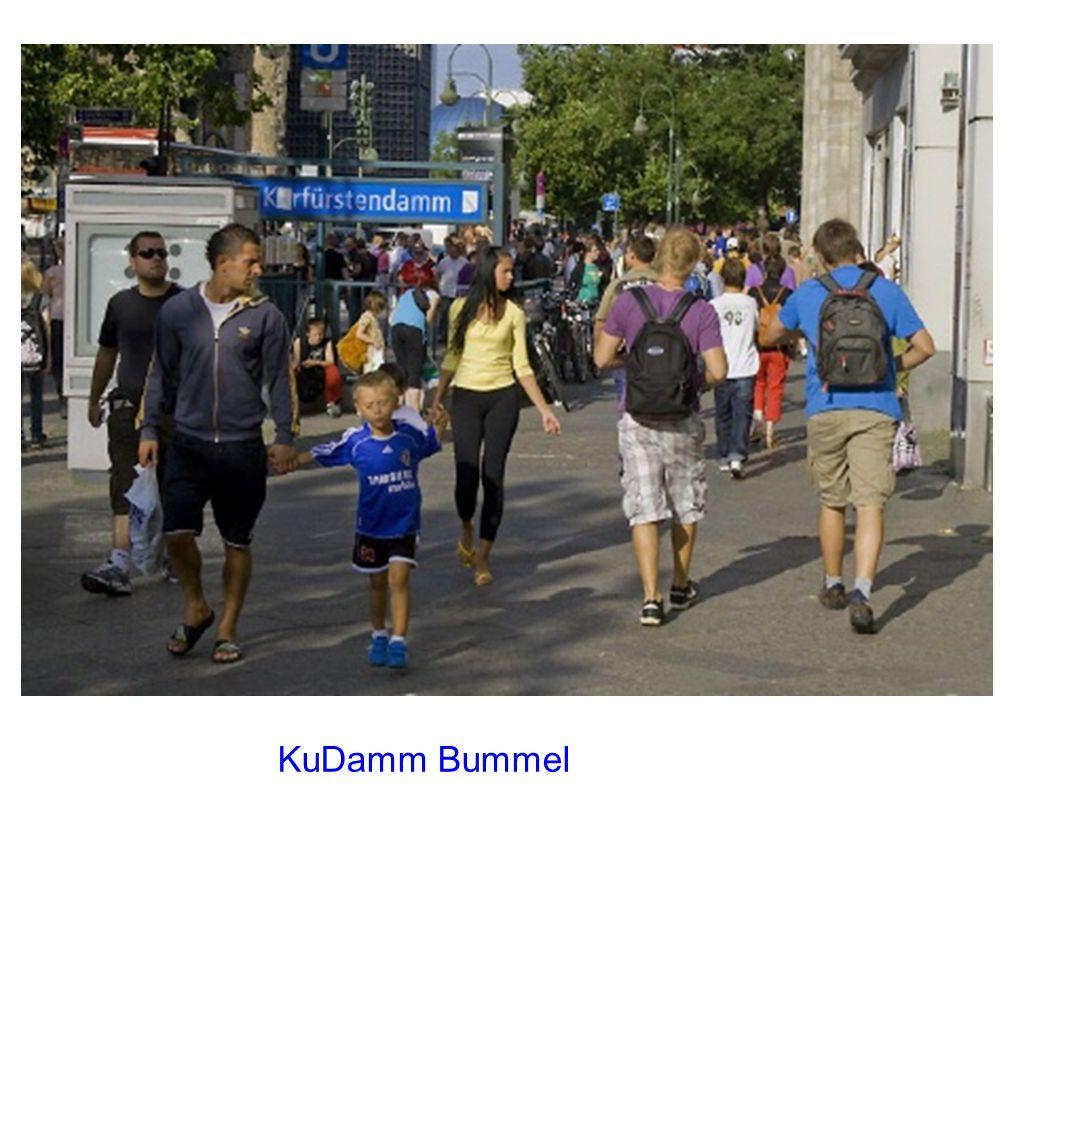 KuDamm Bummel